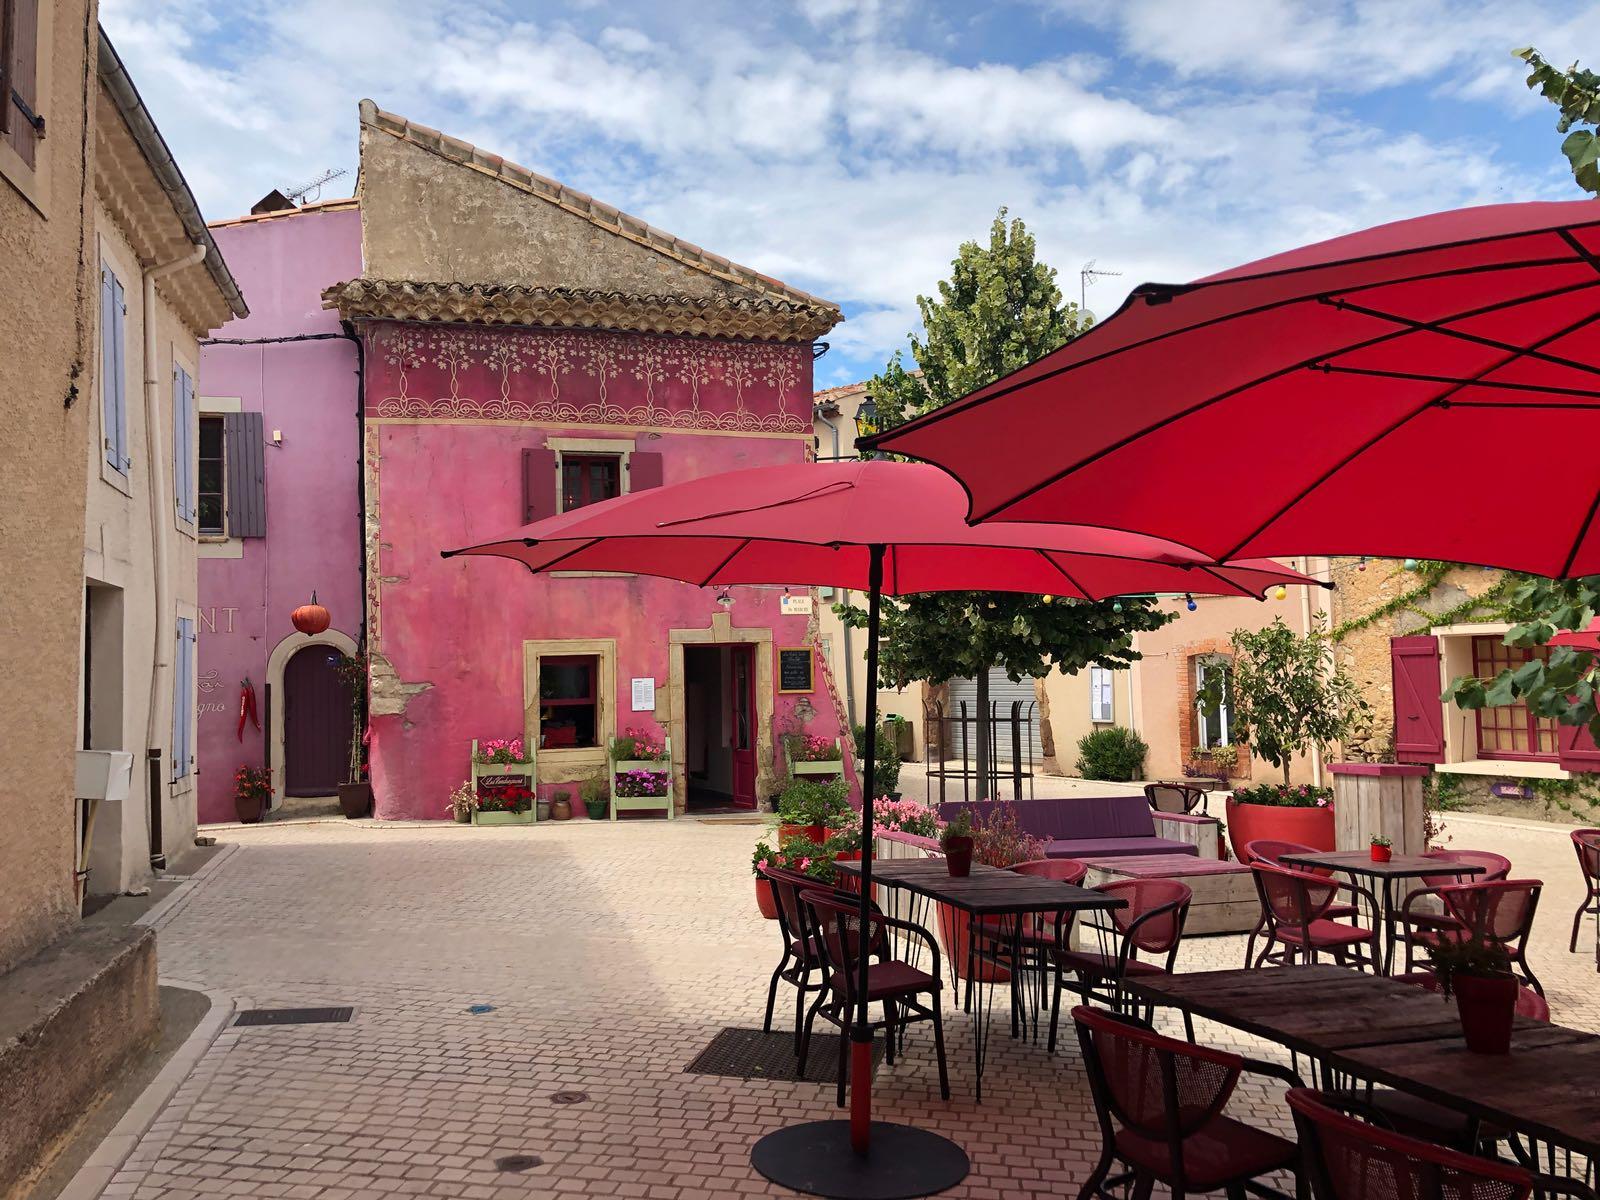 Assignan in Occitanië Languedoc Roussillon